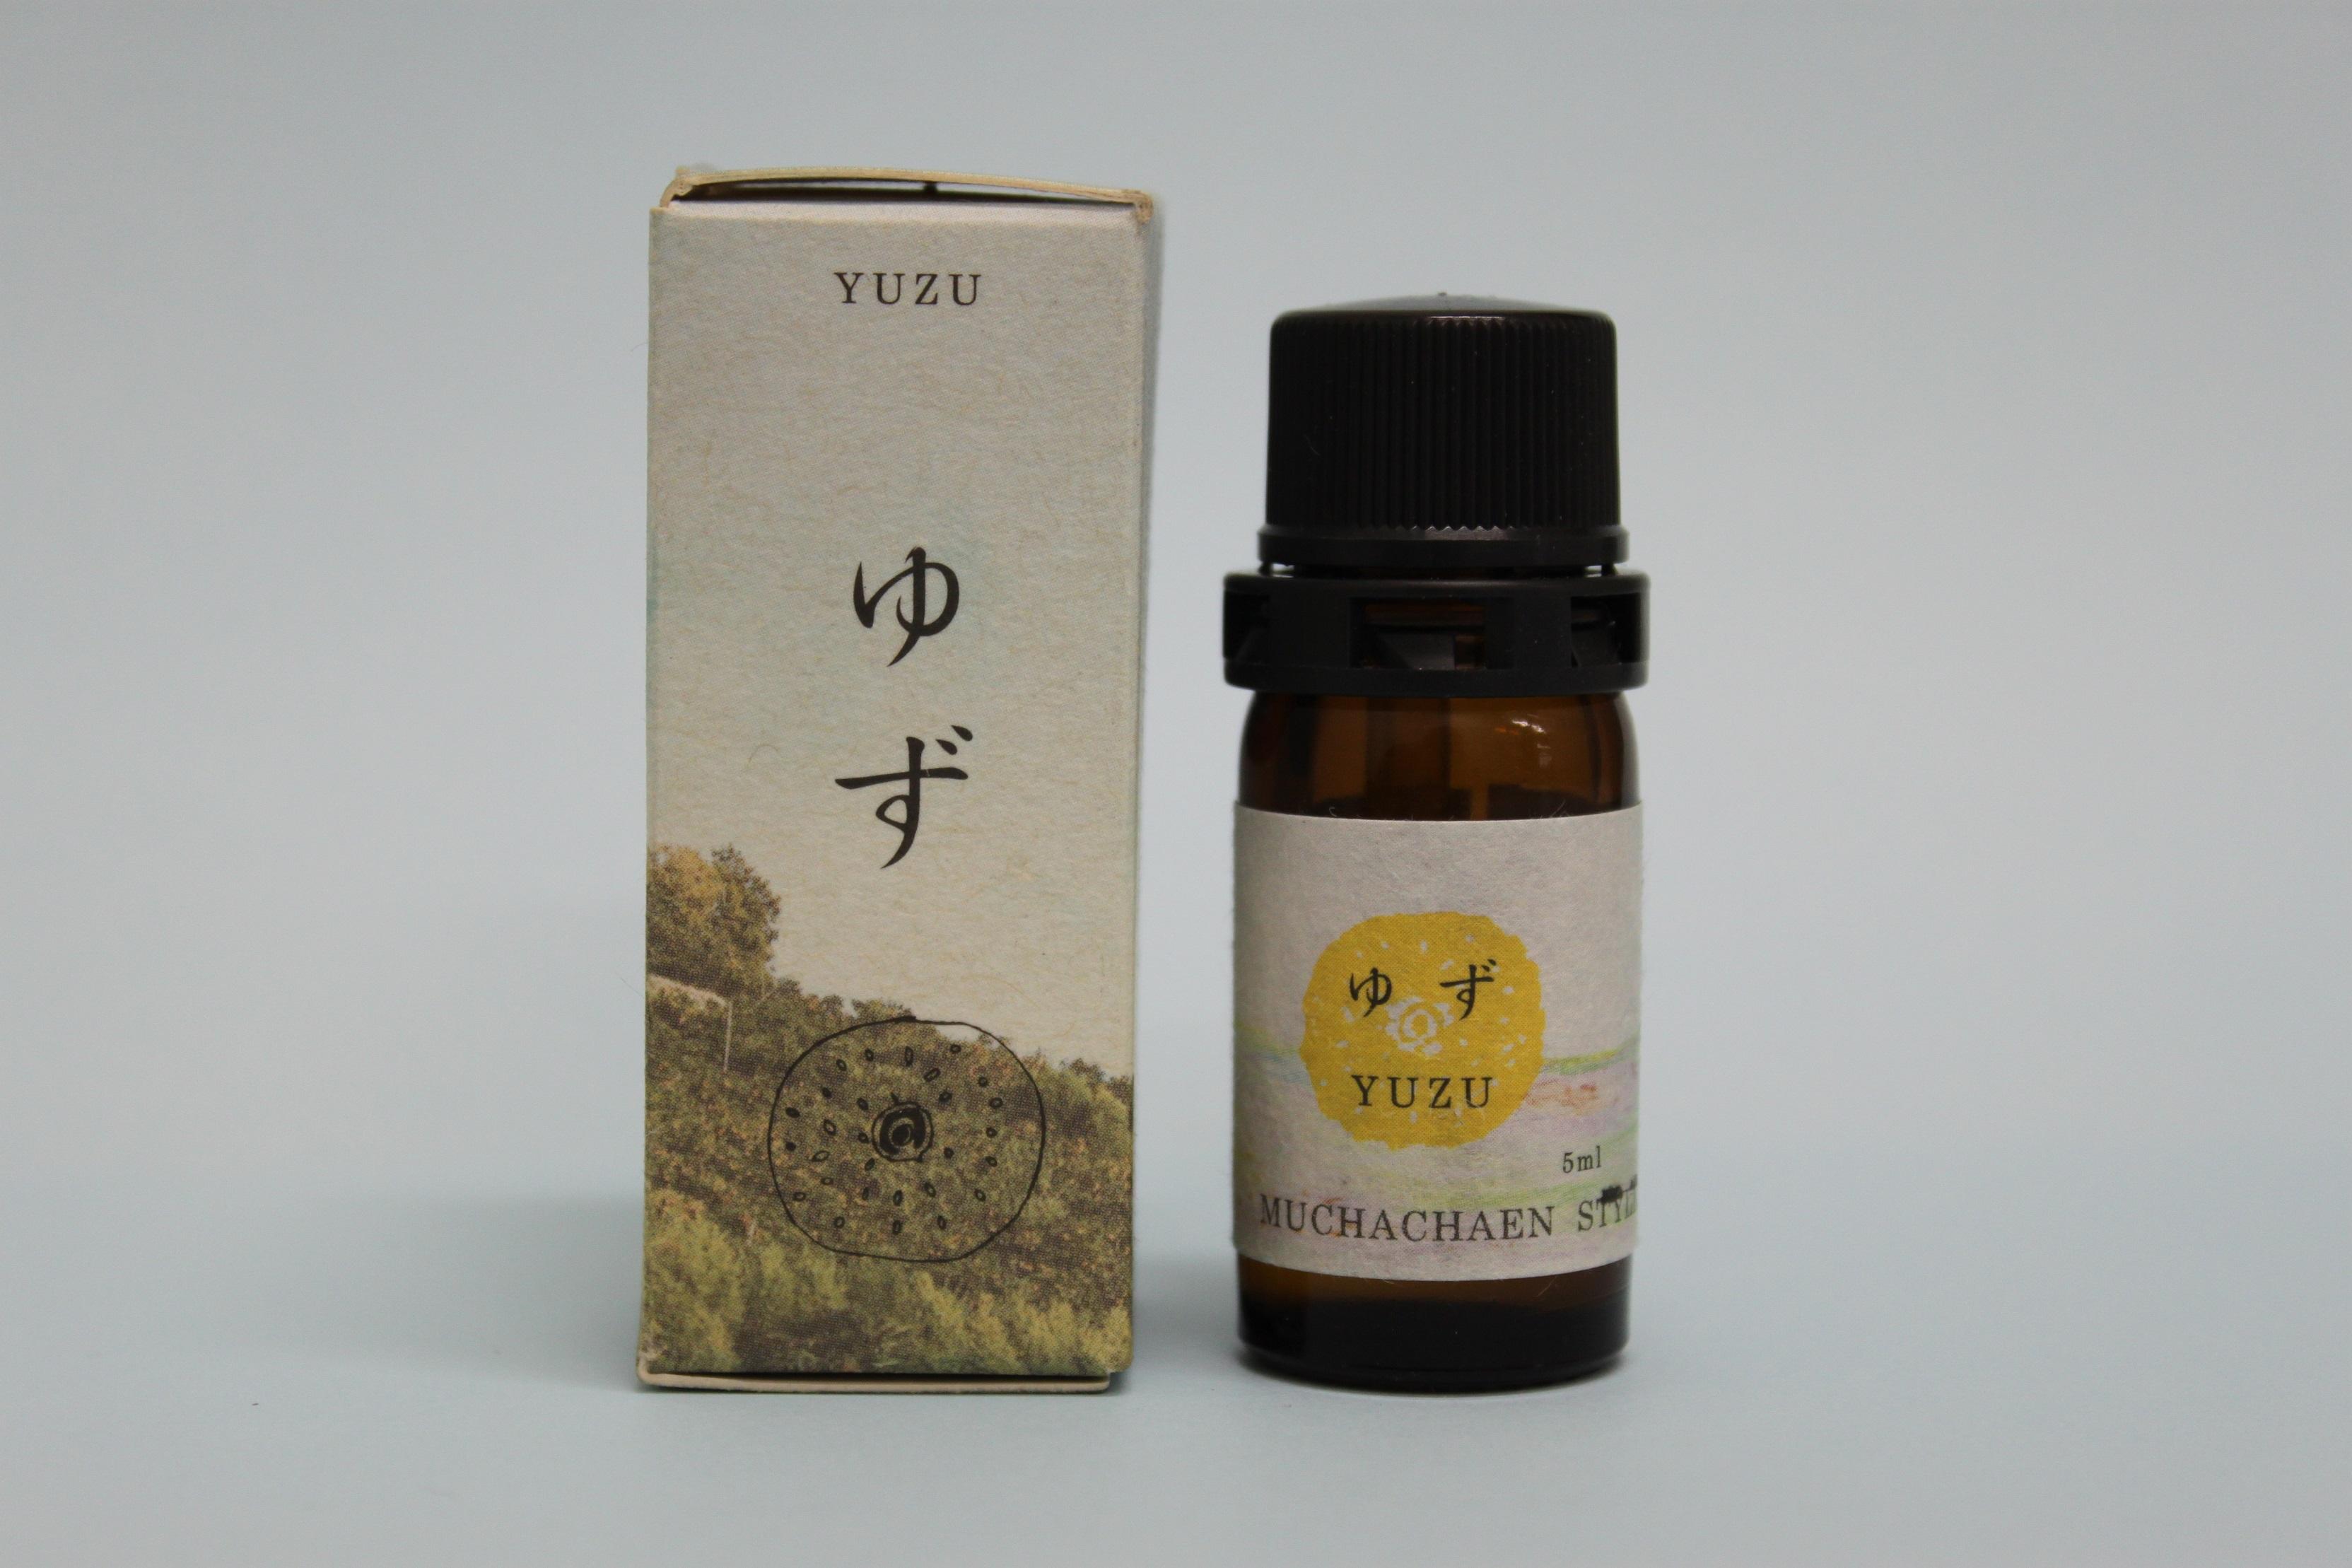 柚子エッセンシャルオイル・箱